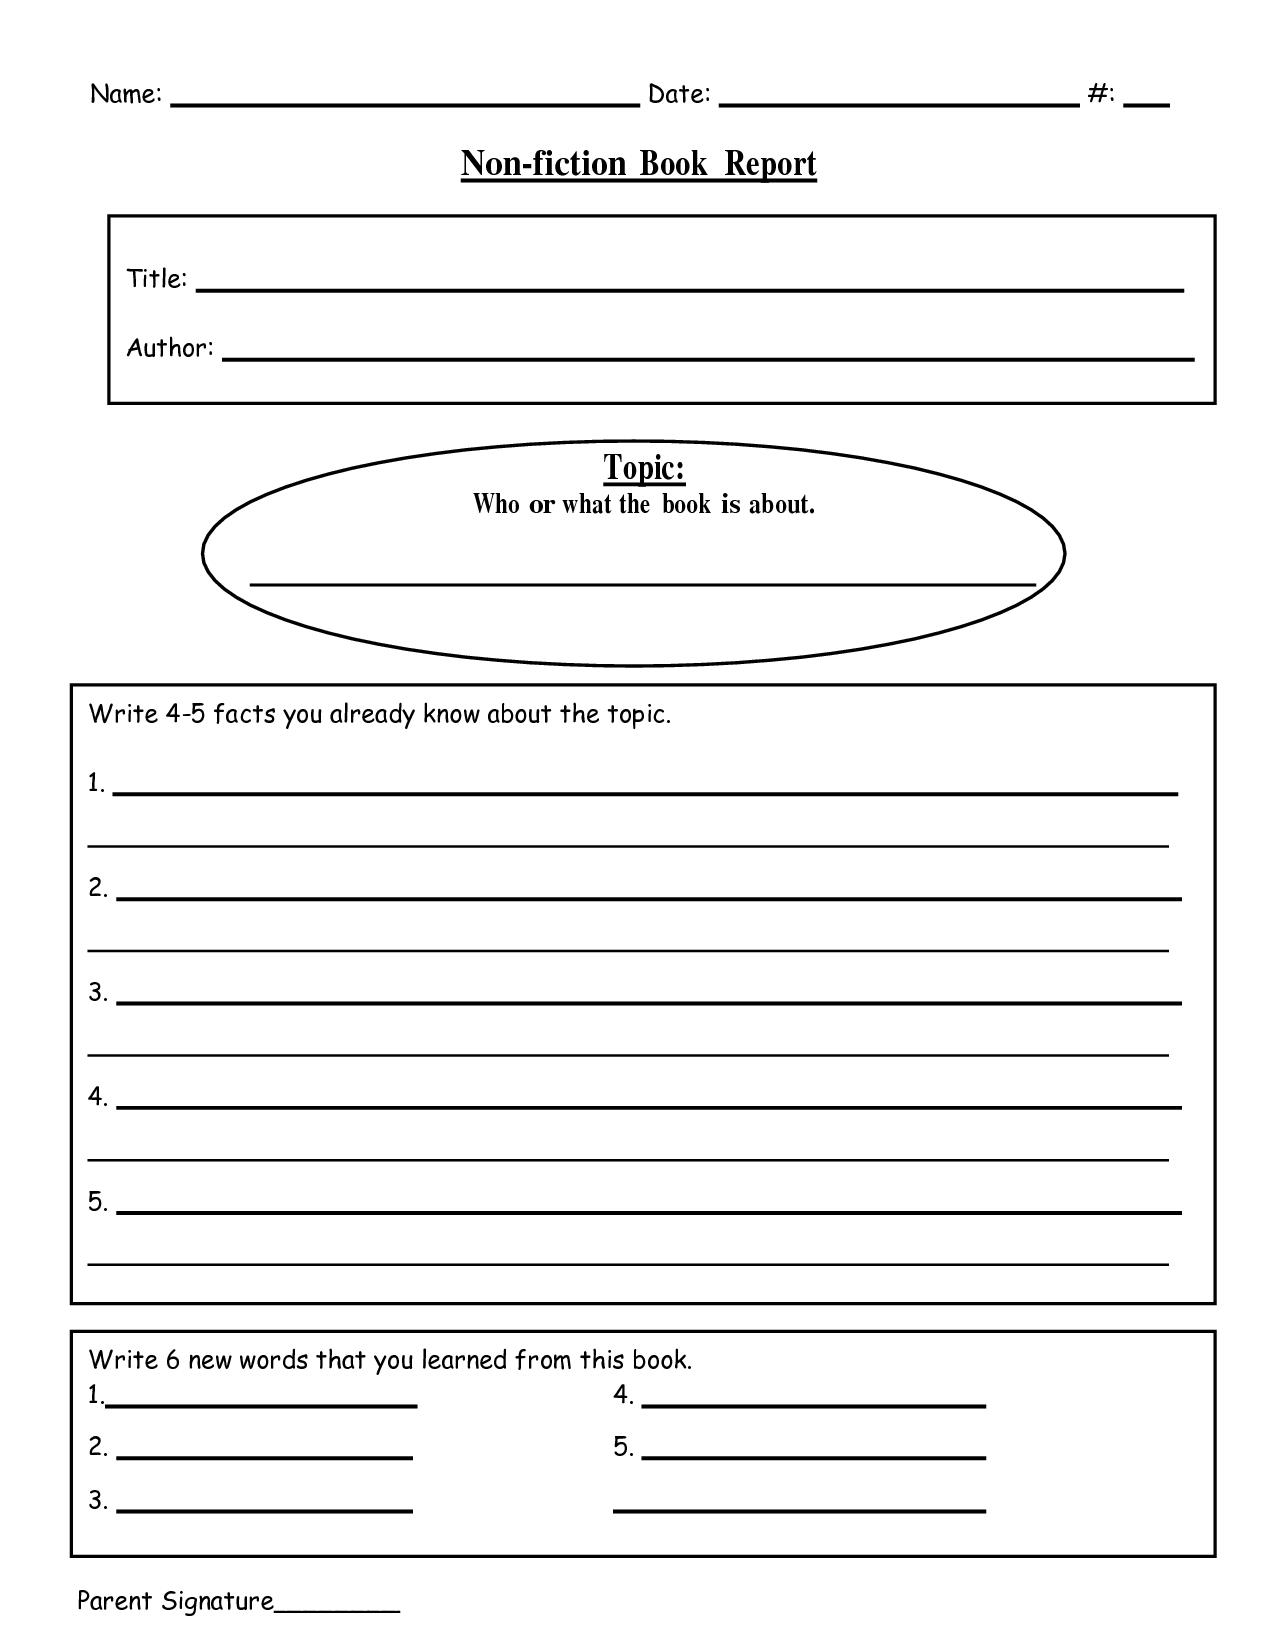 Free Printable Book Report Templates   Non-Fiction Book Report.doc - Free Printable Story Books For Grade 2